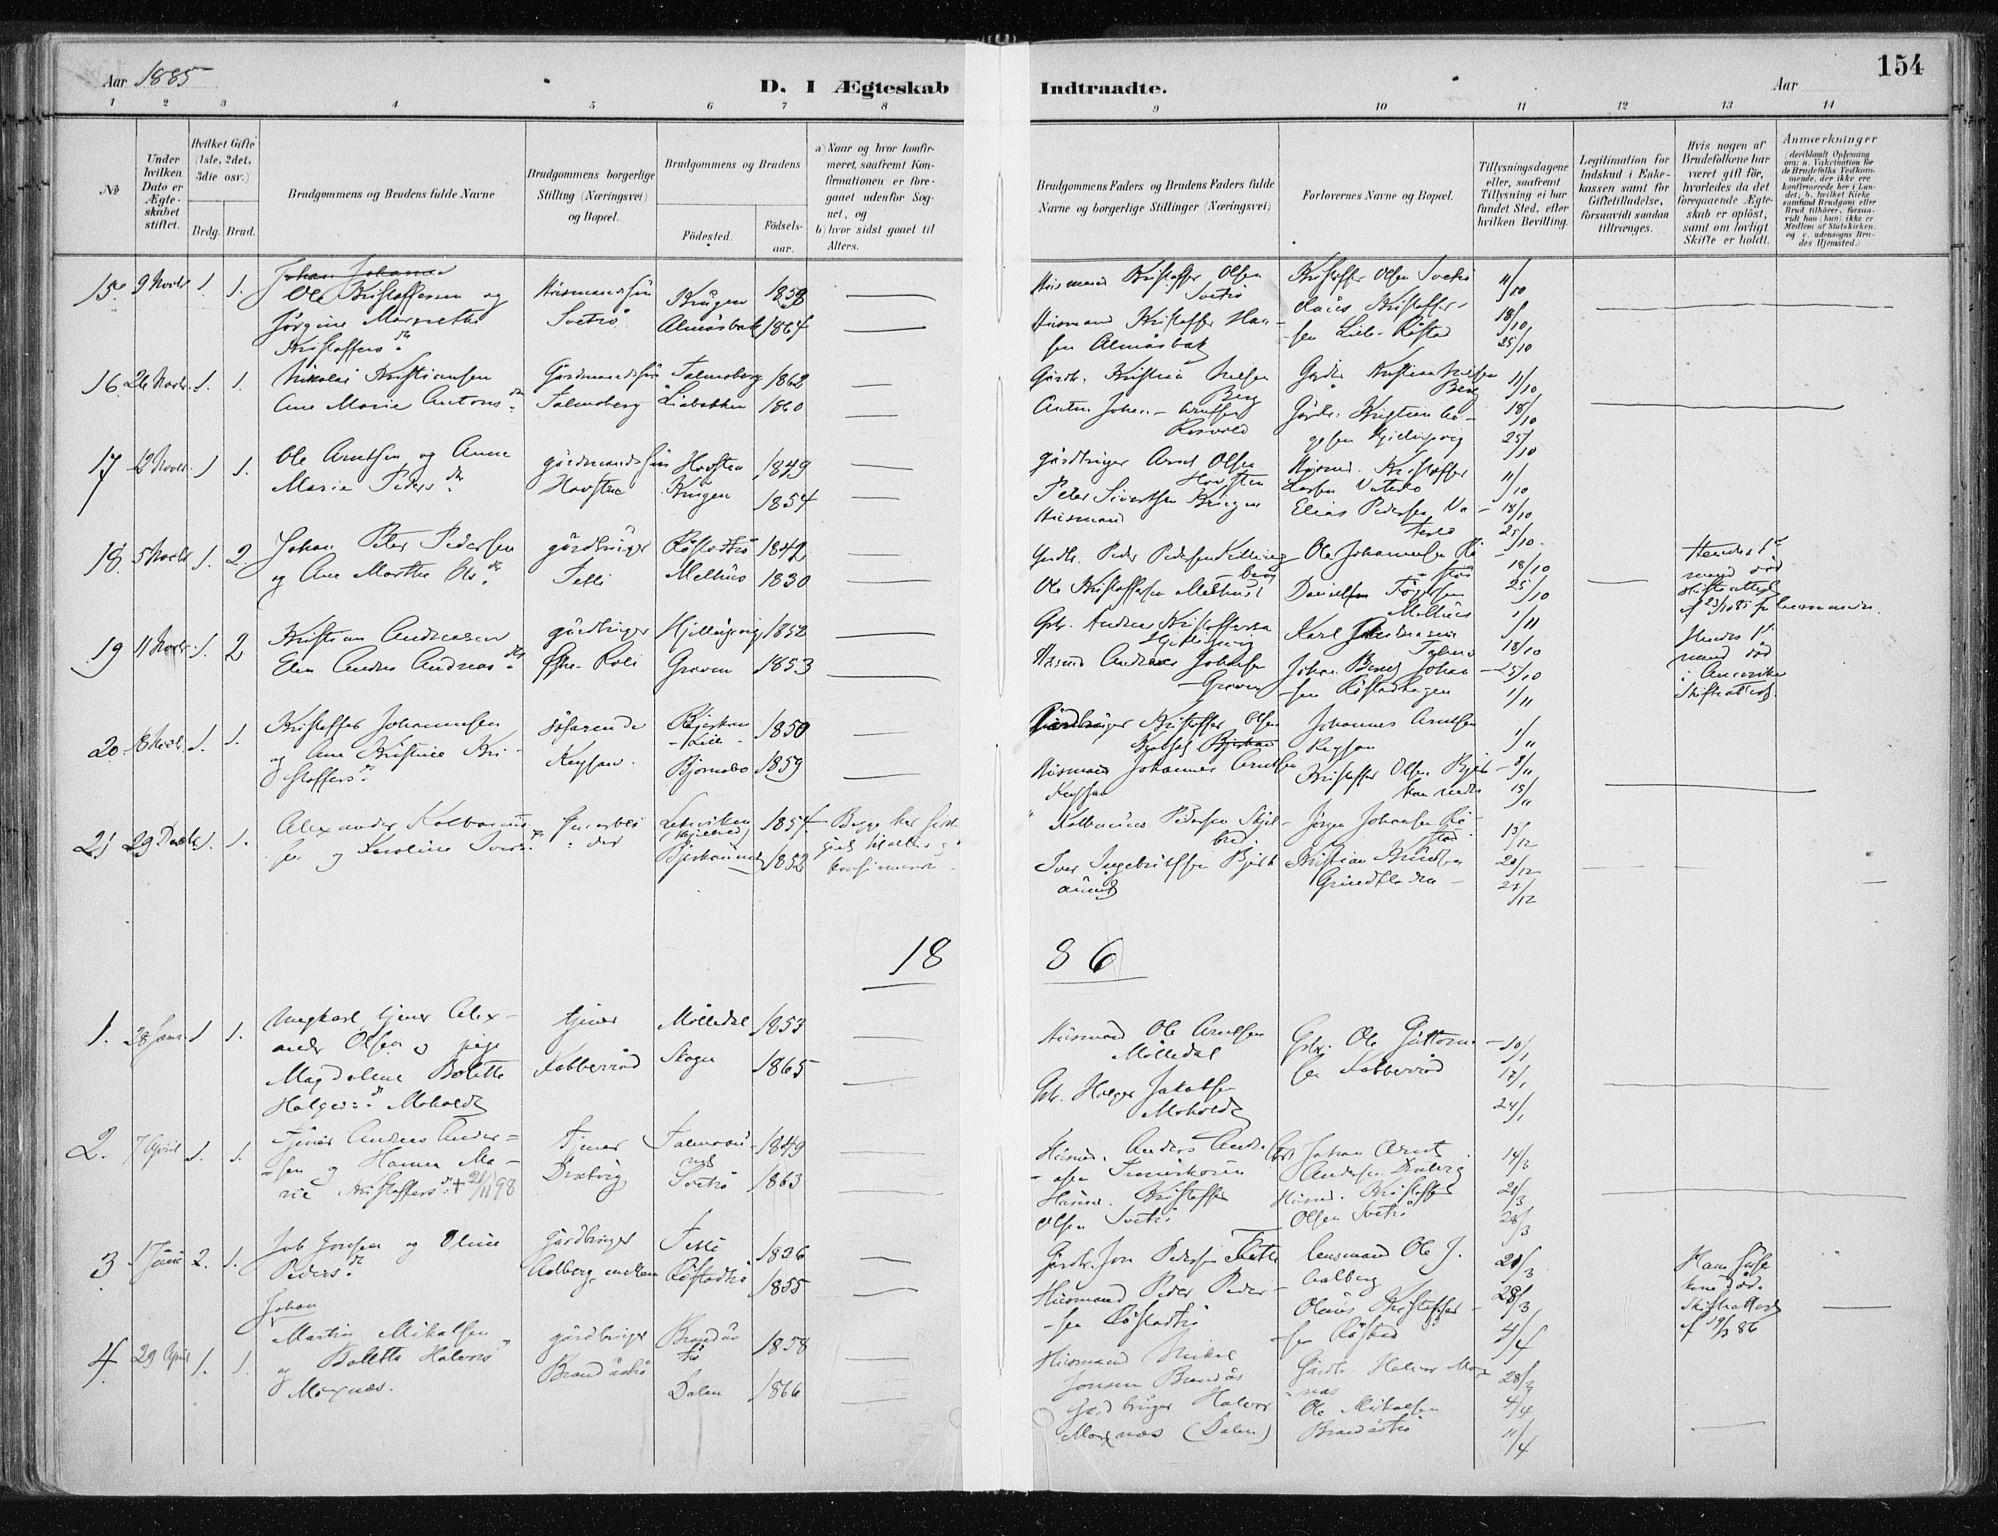 SAT, Ministerialprotokoller, klokkerbøker og fødselsregistre - Nord-Trøndelag, 701/L0010: Ministerialbok nr. 701A10, 1883-1899, s. 154